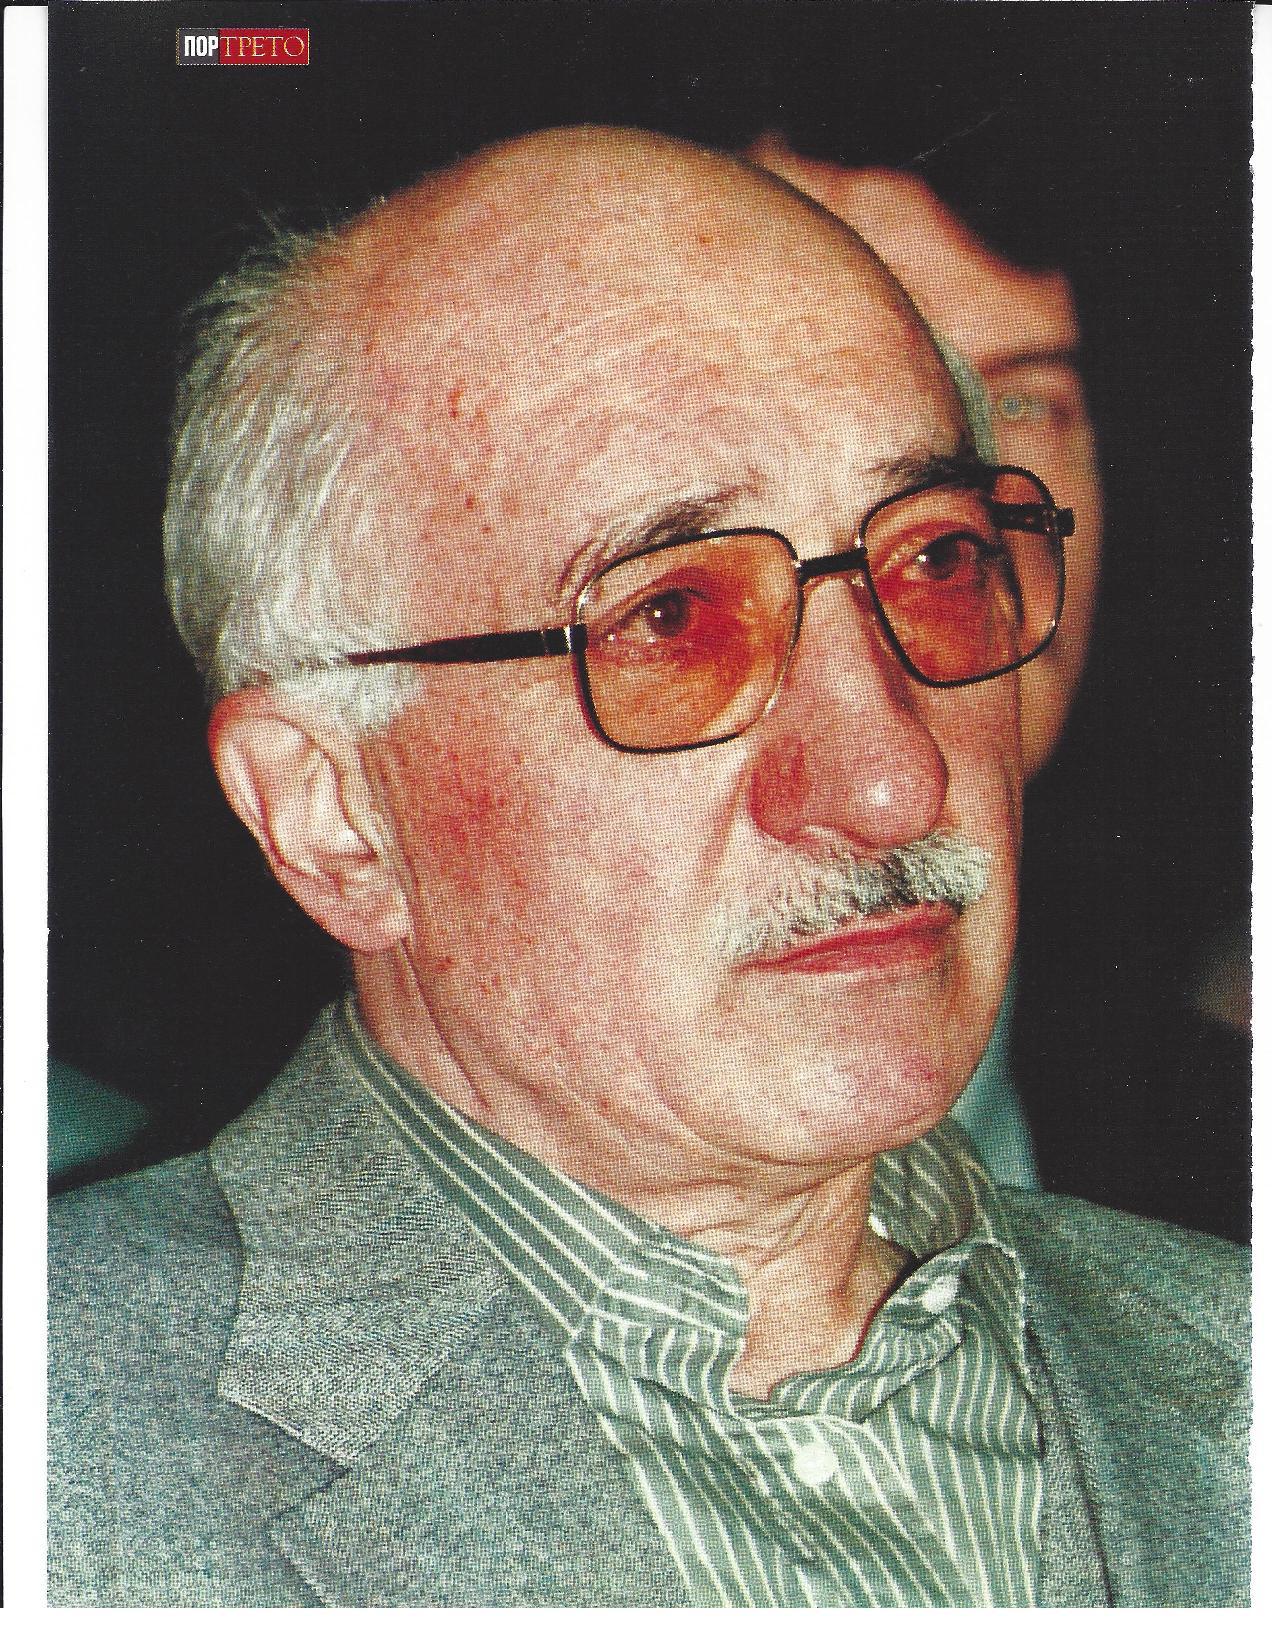 Η πρώτη αναφορά γα τον Ιμάμη στην Ελλάδα γίνεται το 2000 από το περιοδικό ΘΕΟΣ & ΘΡΗΣΚΕΙΑ